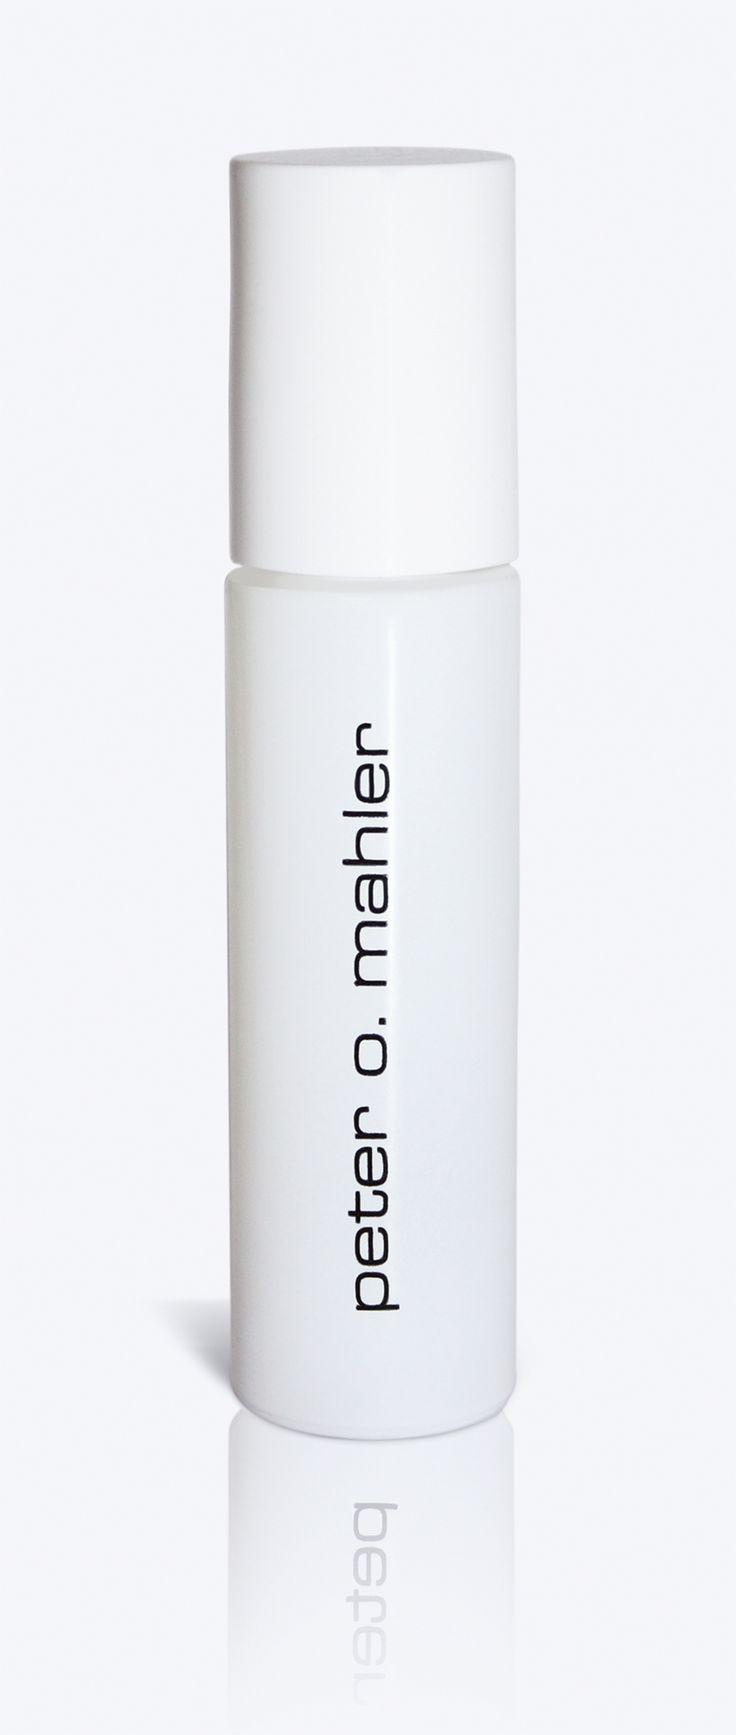 peter o. mahler - white